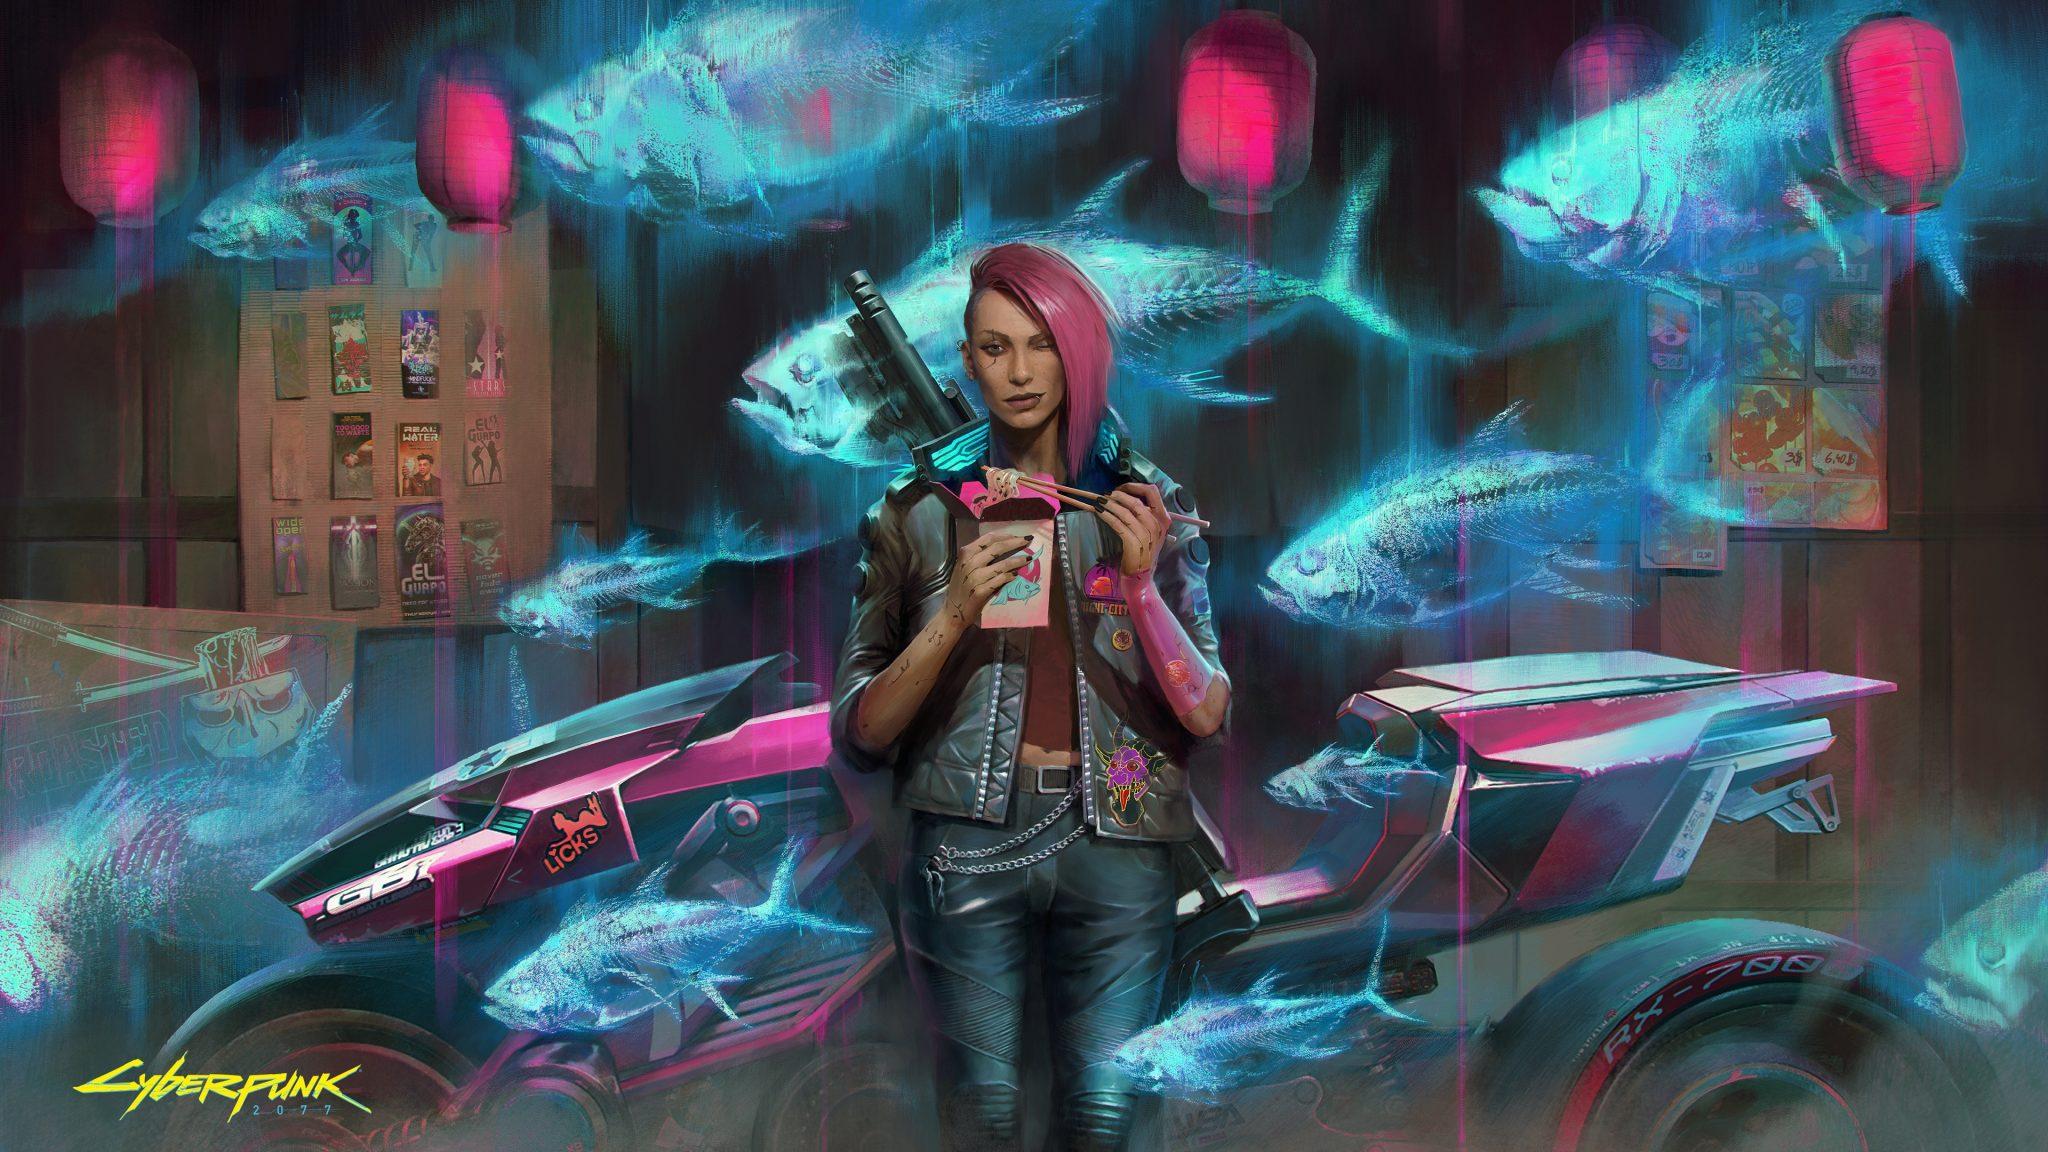 Esperando nosso review de cyberpunk 2077? Separamos as principais análises internacionais sobre o game